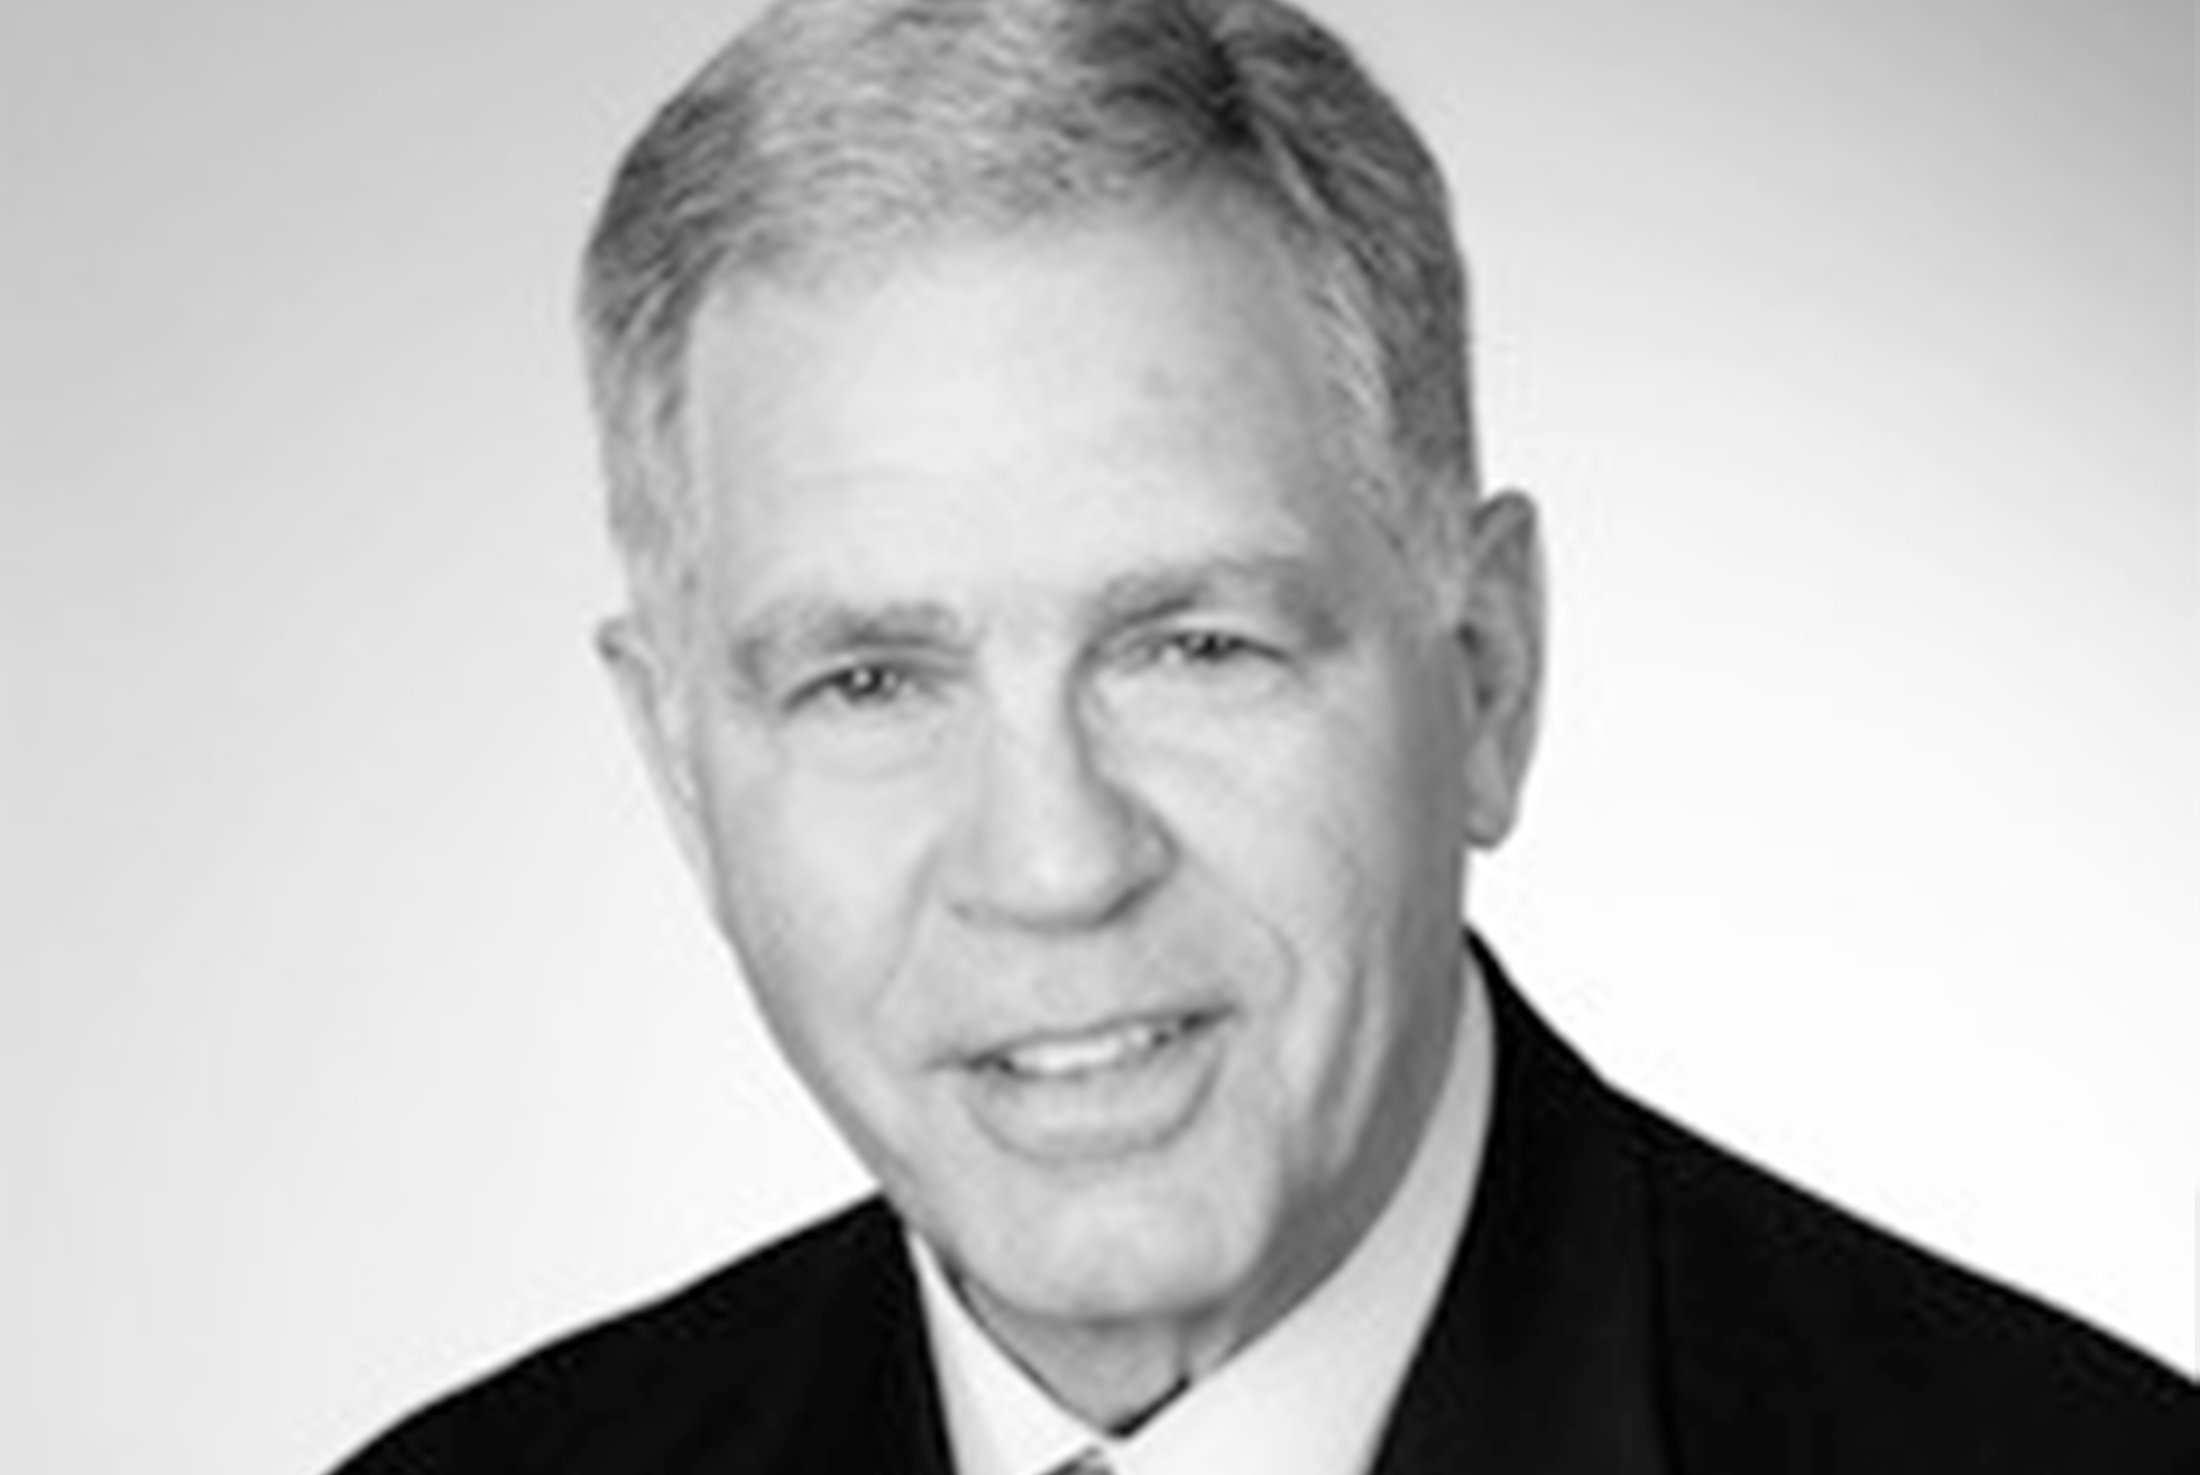 Dr. Bill Hallett joins the ASG team